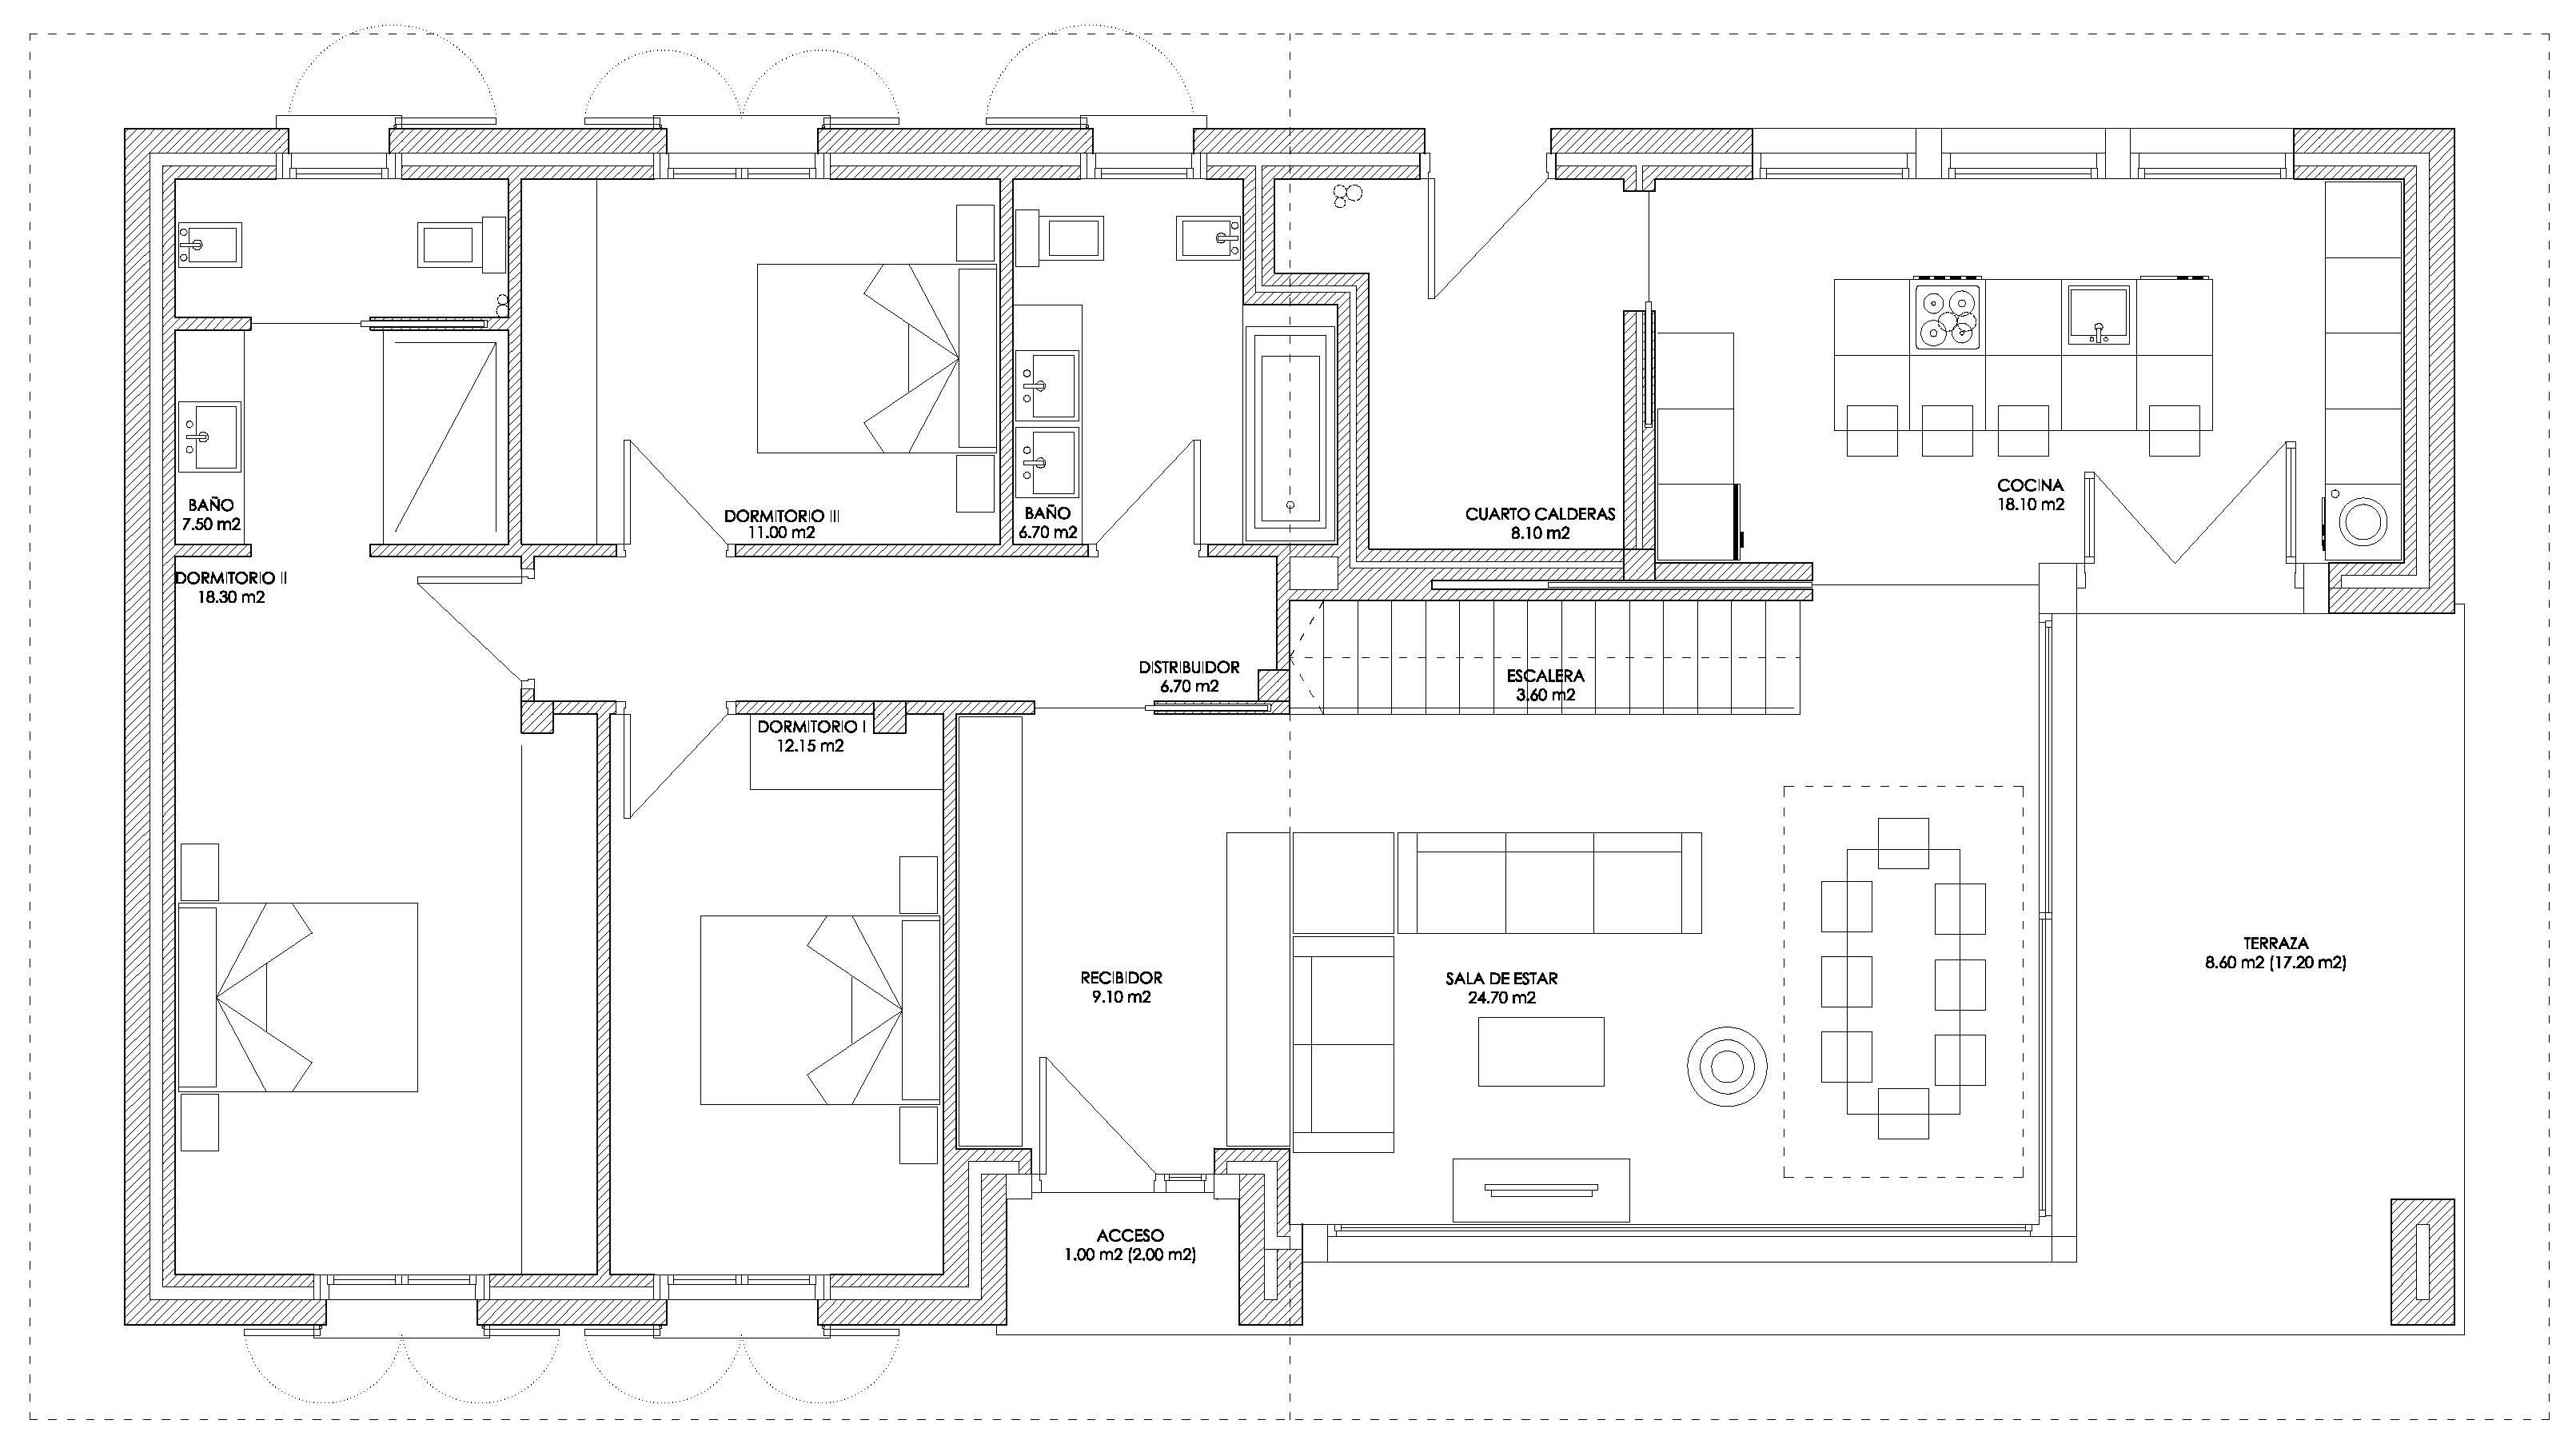 Linoplaza arquitectura vivienda unifamiliar en aniz - Proyectos casas unifamiliares ...